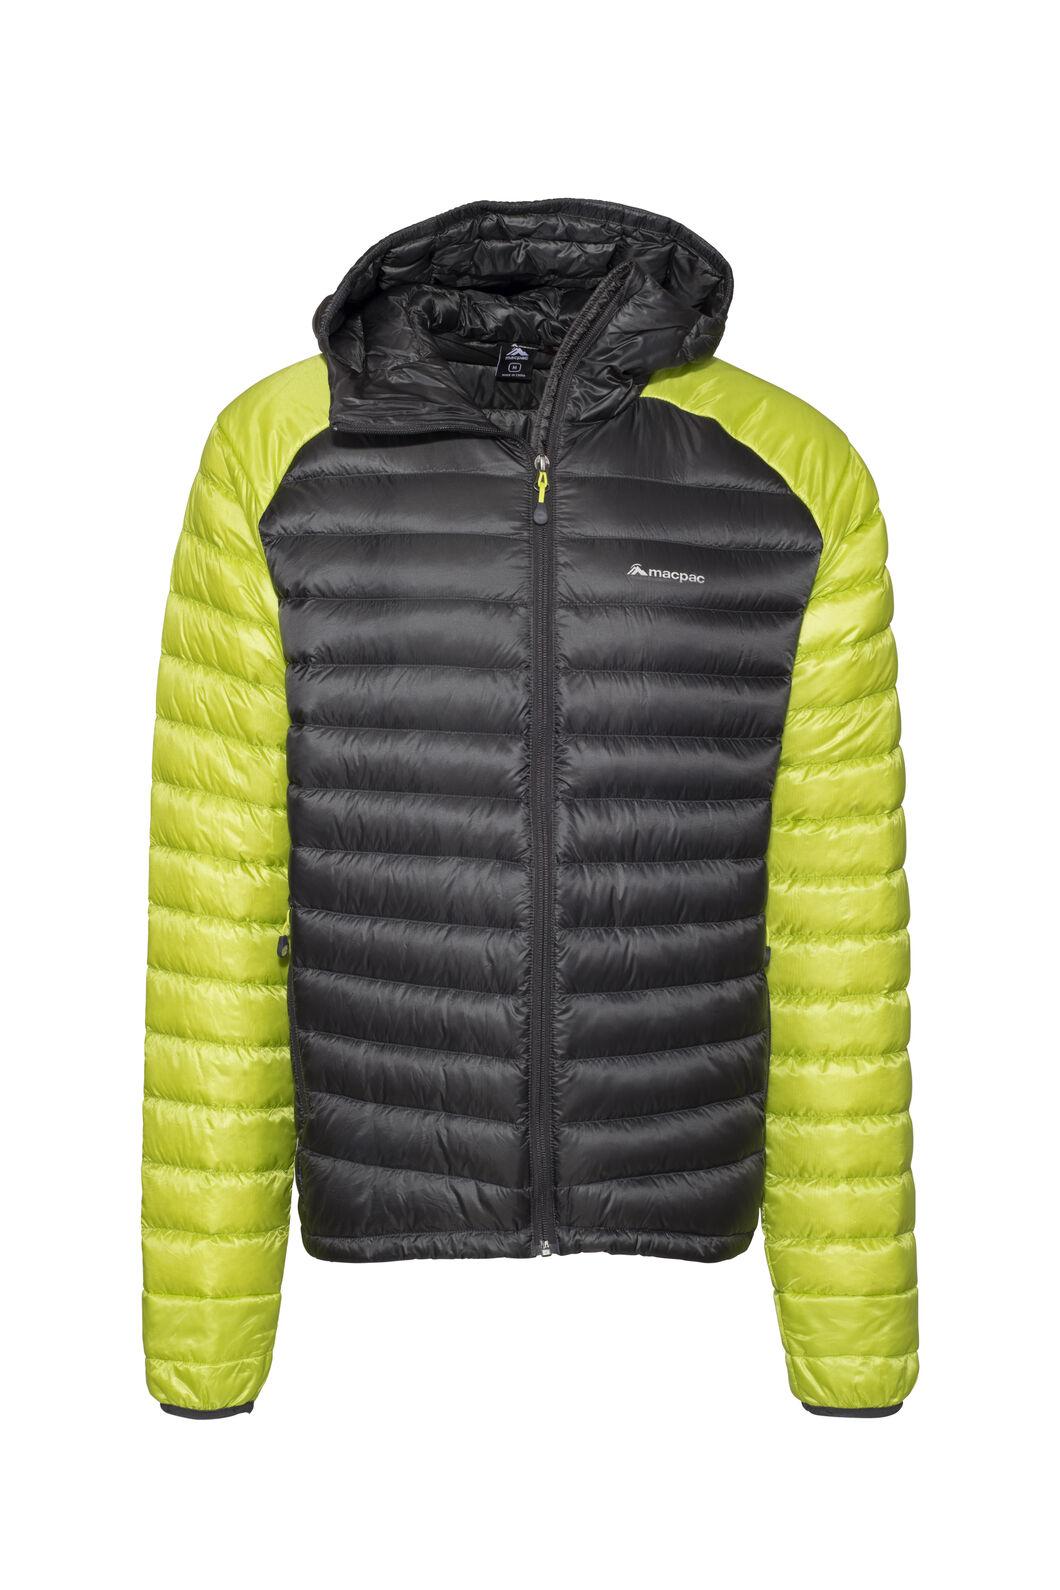 Macpac Icefall HyperDRY™ Hooded Jacket — Men's, Asphalt/Tendershoots, hi-res